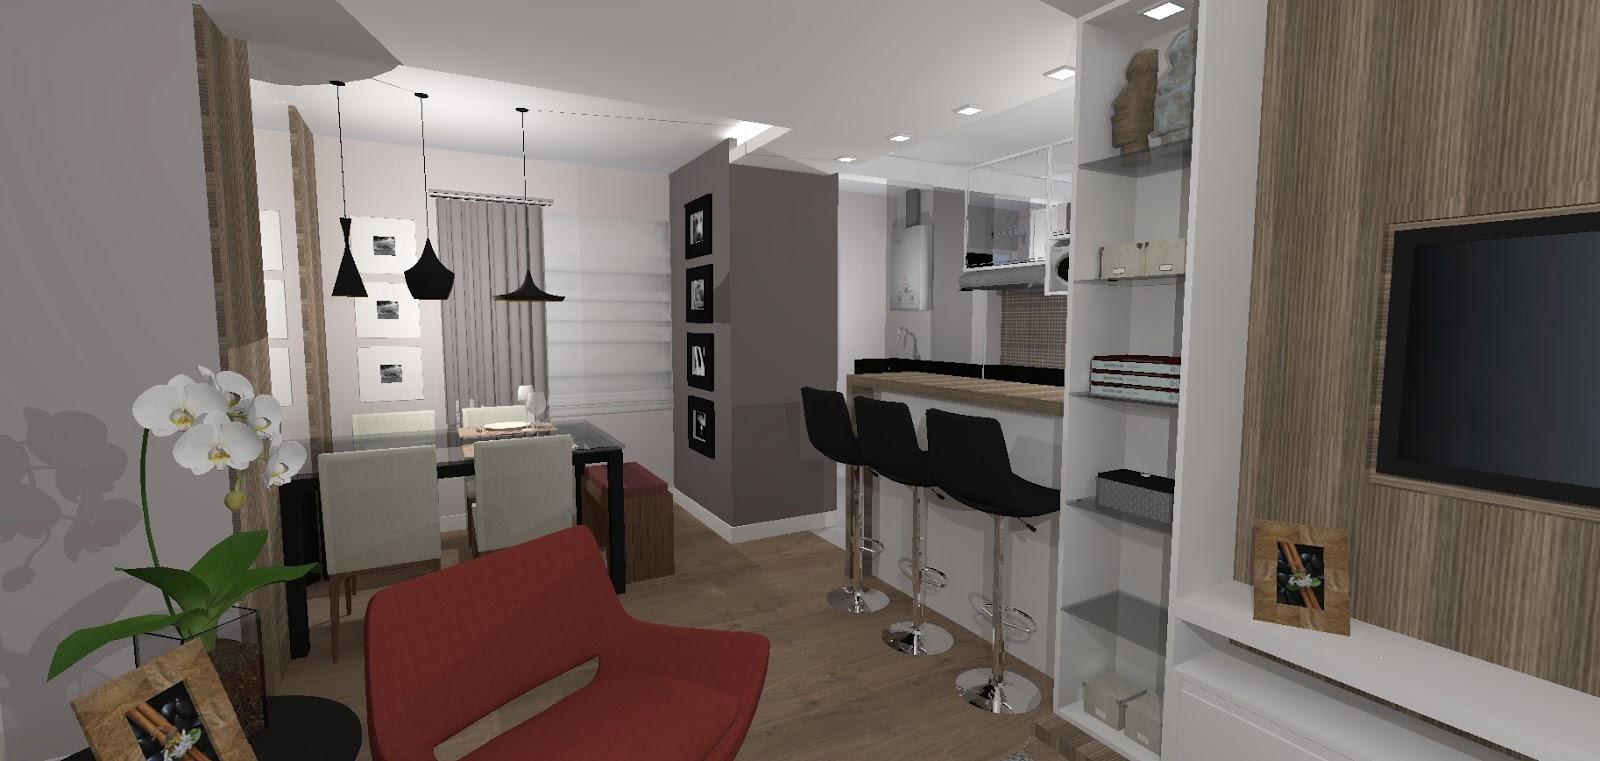 Sala De Tv Com Jantar ~  Arquitetas Associadas Sala de TV, Sala de Jantar e cozinha integradas